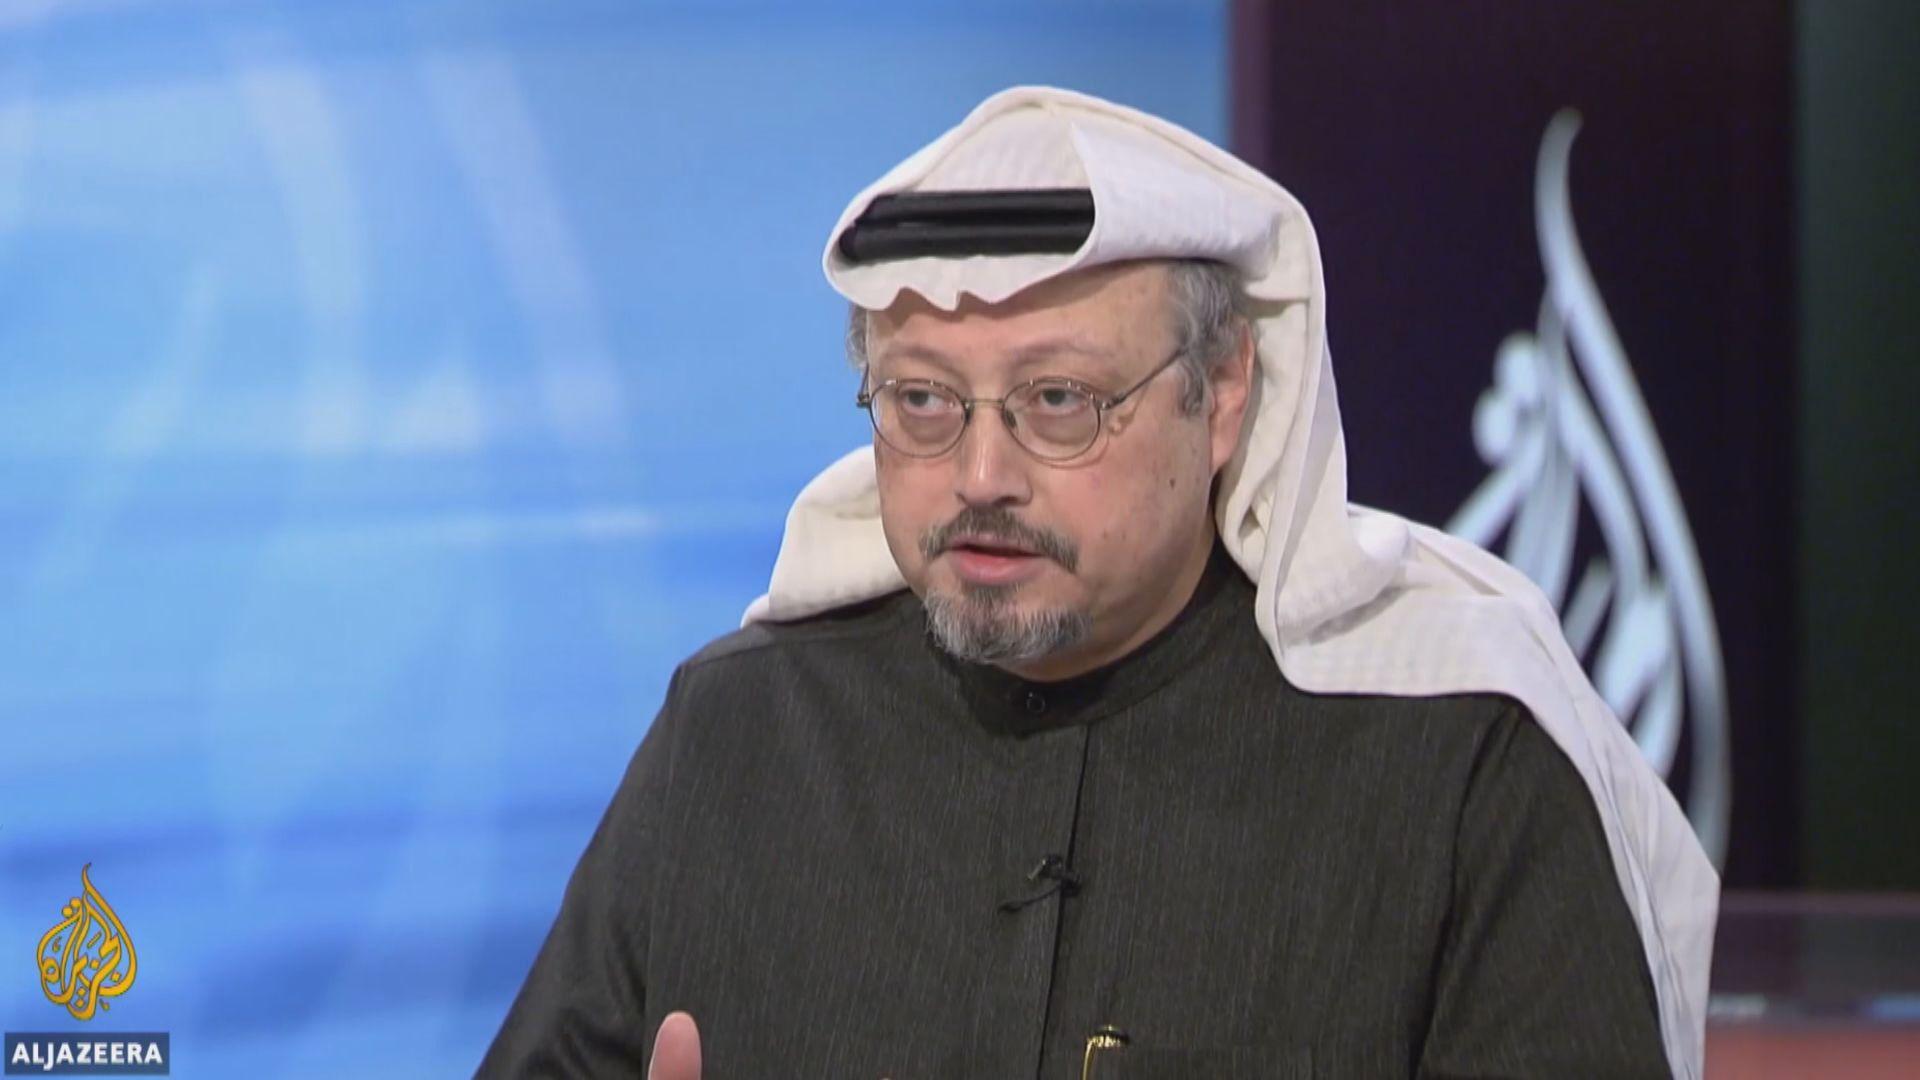 消息指沙特本想誘卡舒吉回國後拘捕他